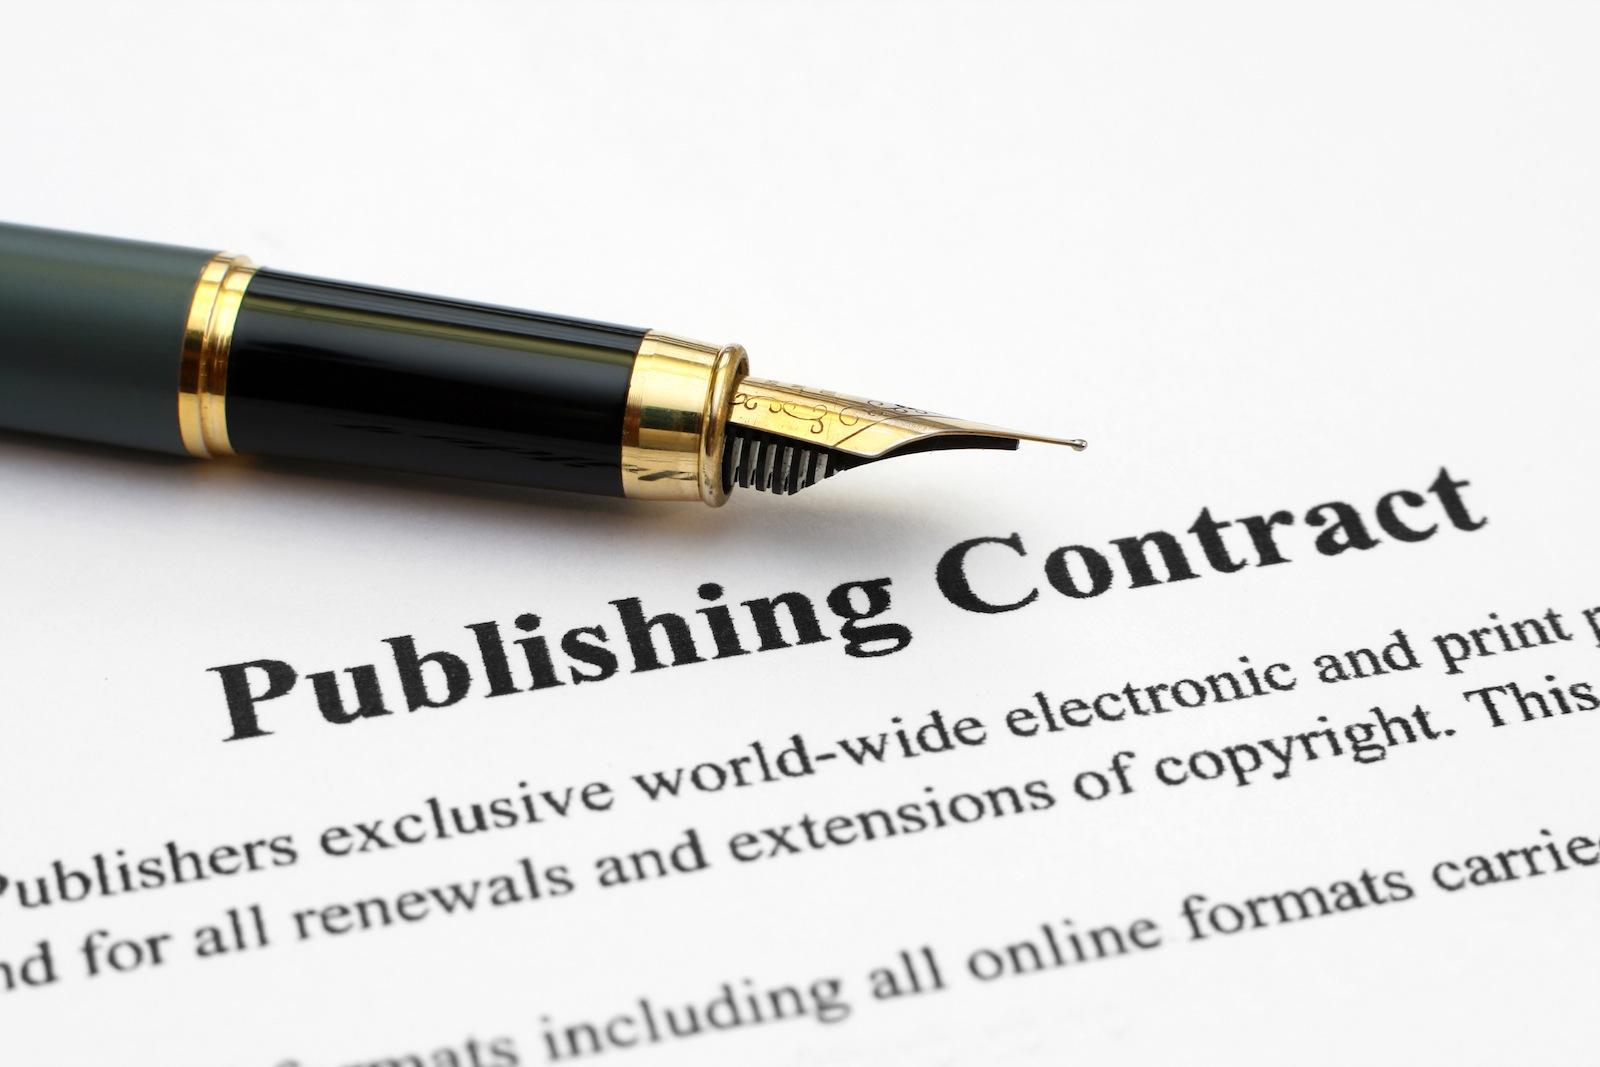 publishing-contract-image.jpg